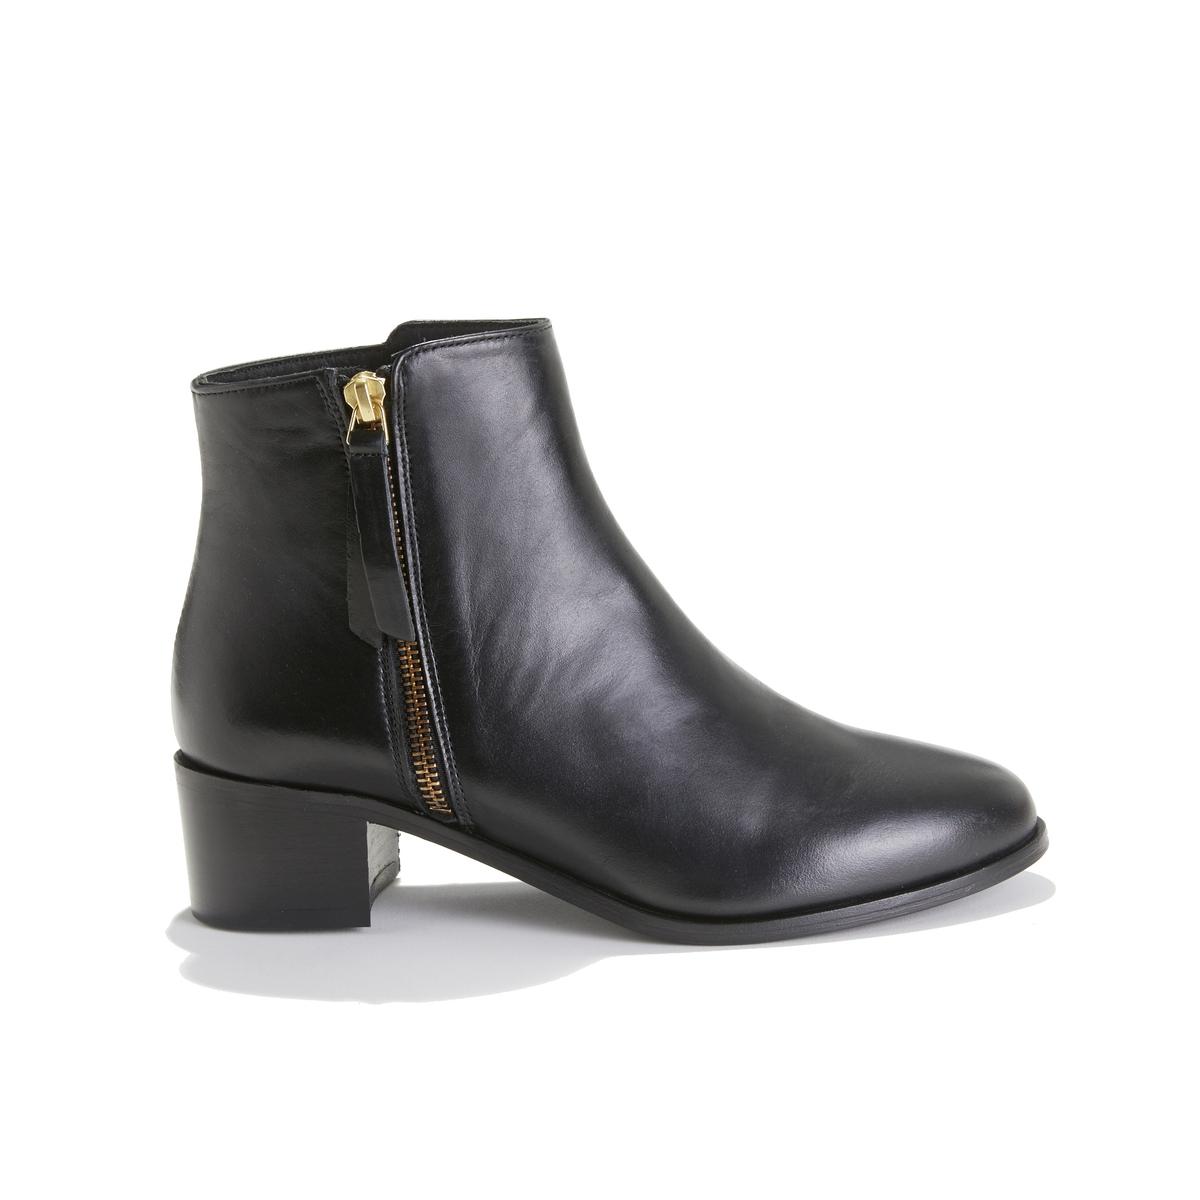 Ботильоны La Redoute Кожаные на молнии на среднем каблуке LA FOUGUEUSE 38 черный цены онлайн